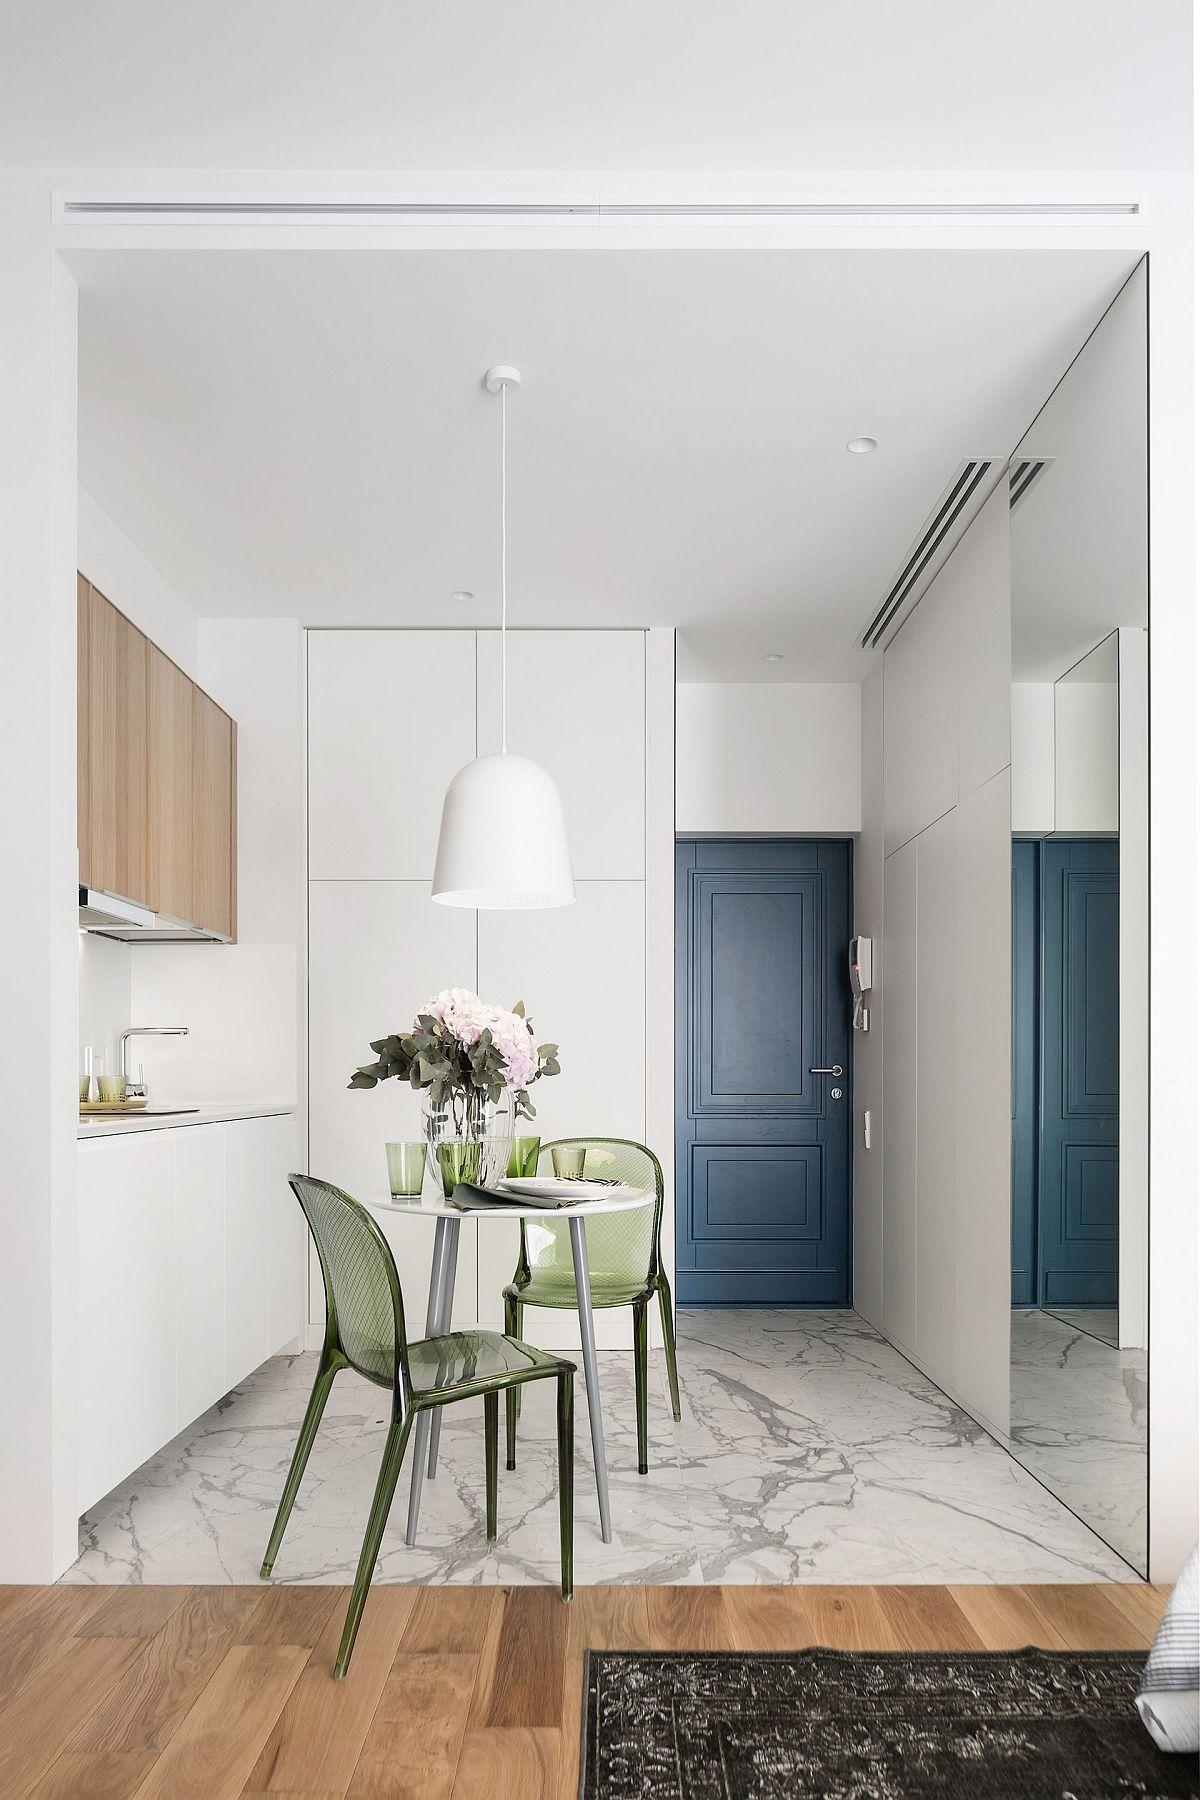 Arhitectul a folosit pentru accent nuanțe închise, cum ar fi pentru ușa de intrare, o nuanță care conferă senzația de adâncime. În rest, totul este tratat alb, atât pereții cât și dețele mobilierului realizat pe comandă, astfel încât ușile să fie până în tavan. În zona de bucătărie și baie plafonul a fost lăsat mai jos pentru trasarea instalațiilor, dar și pentru a include ventilația.